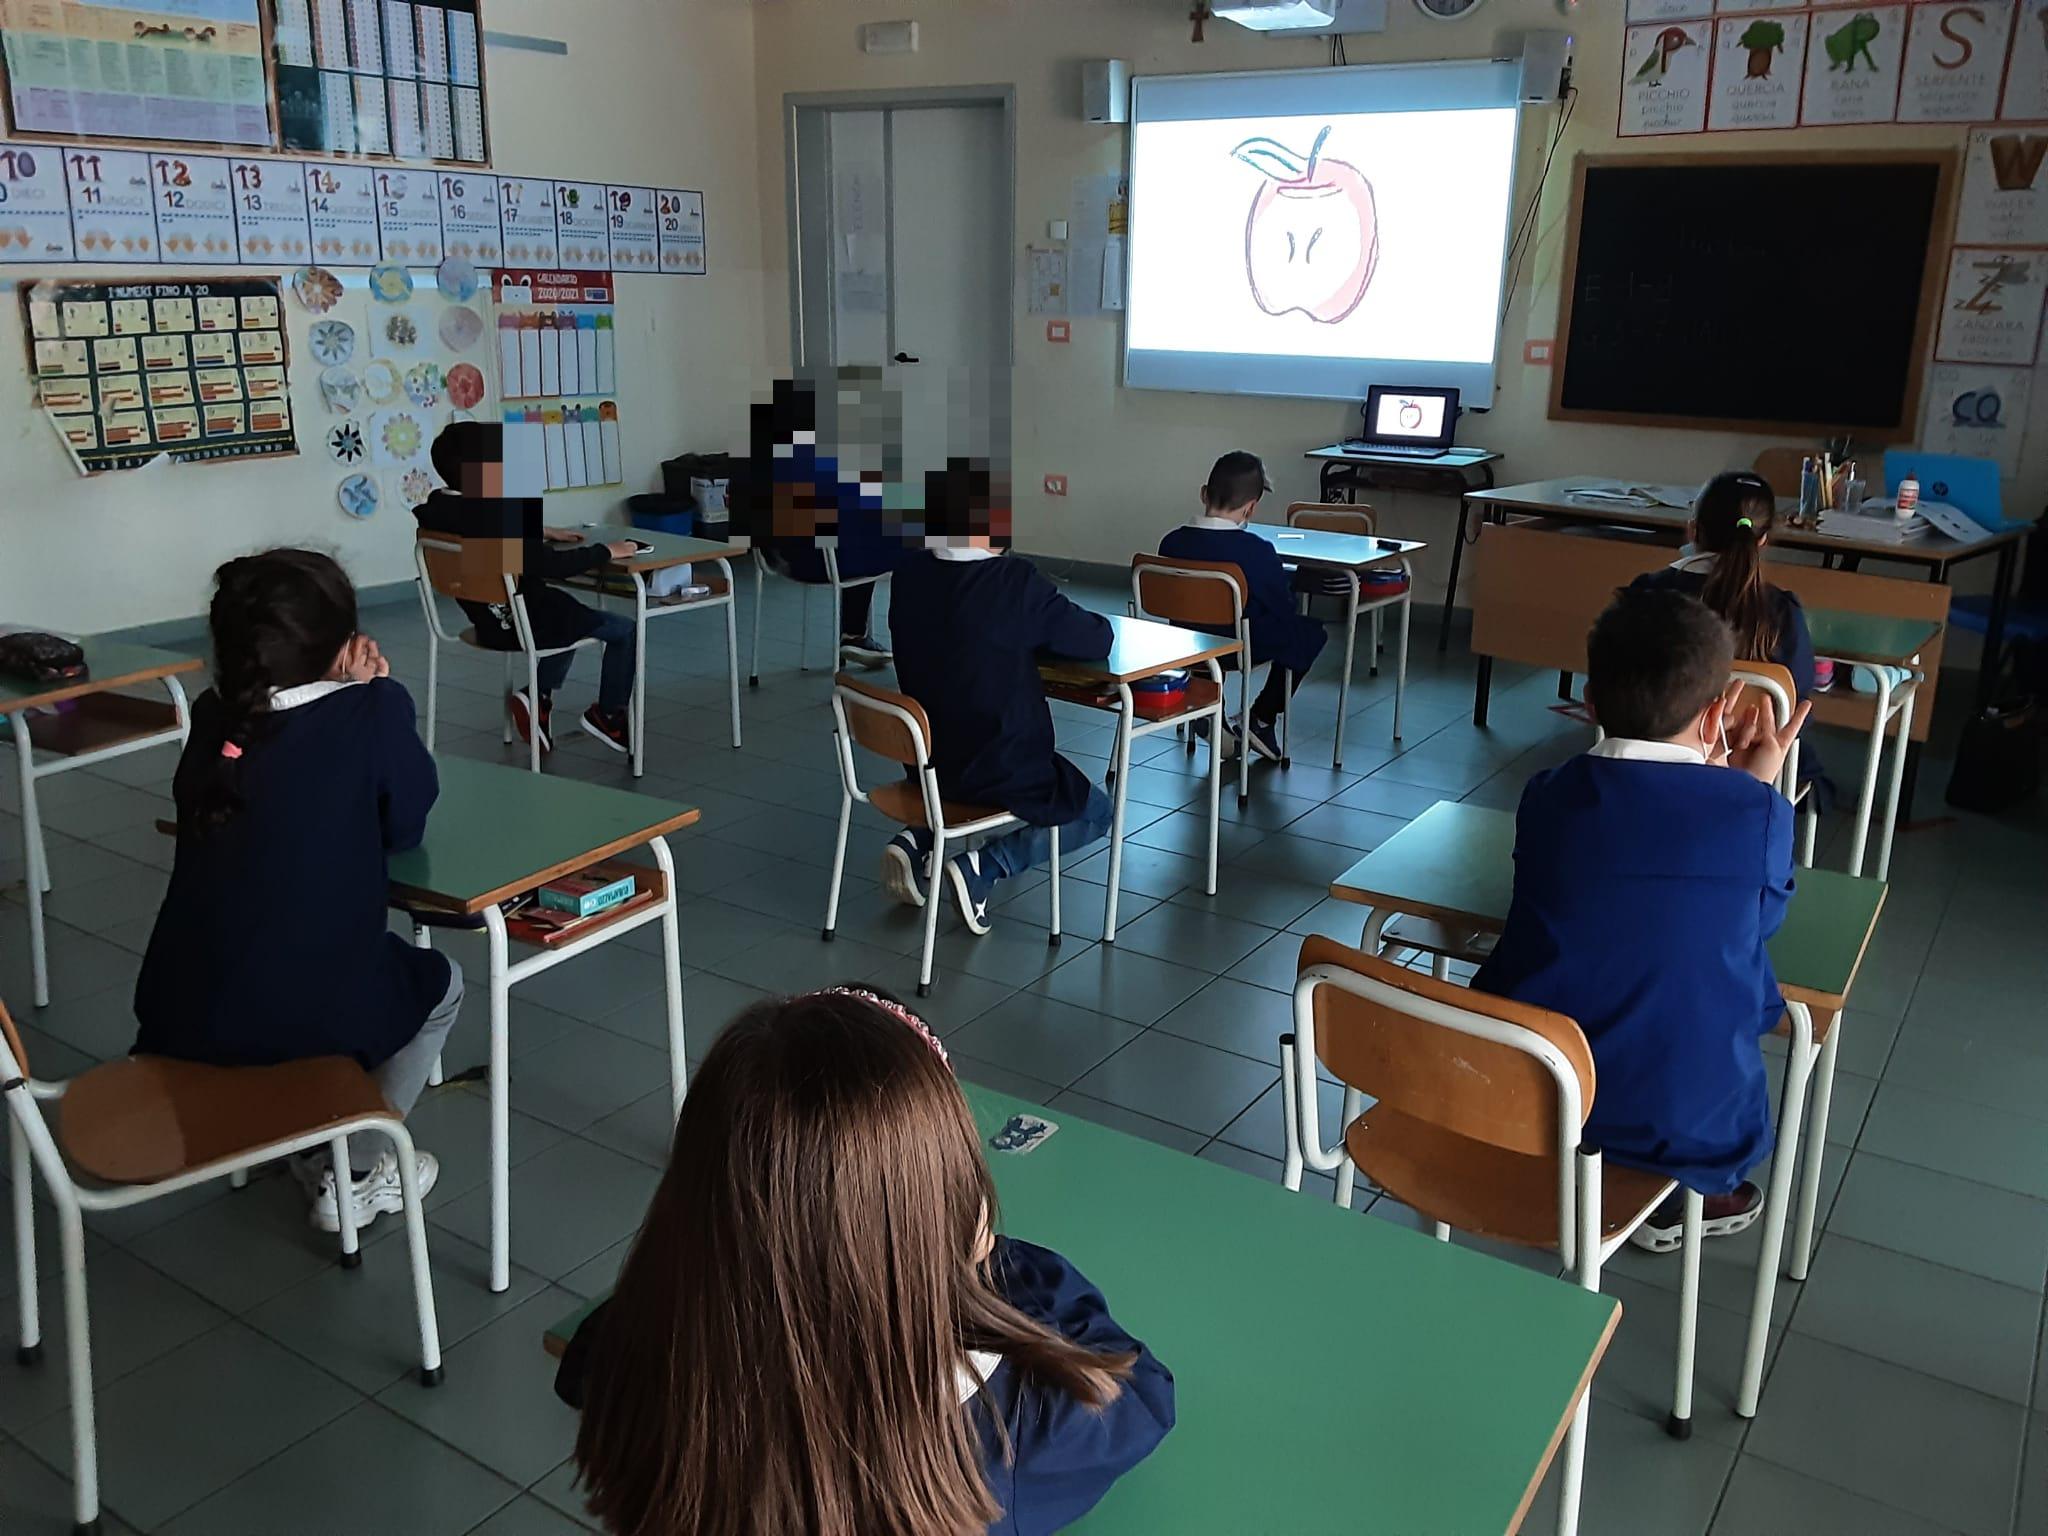 SeiToscana_ricreazione_laboratorio_scuola